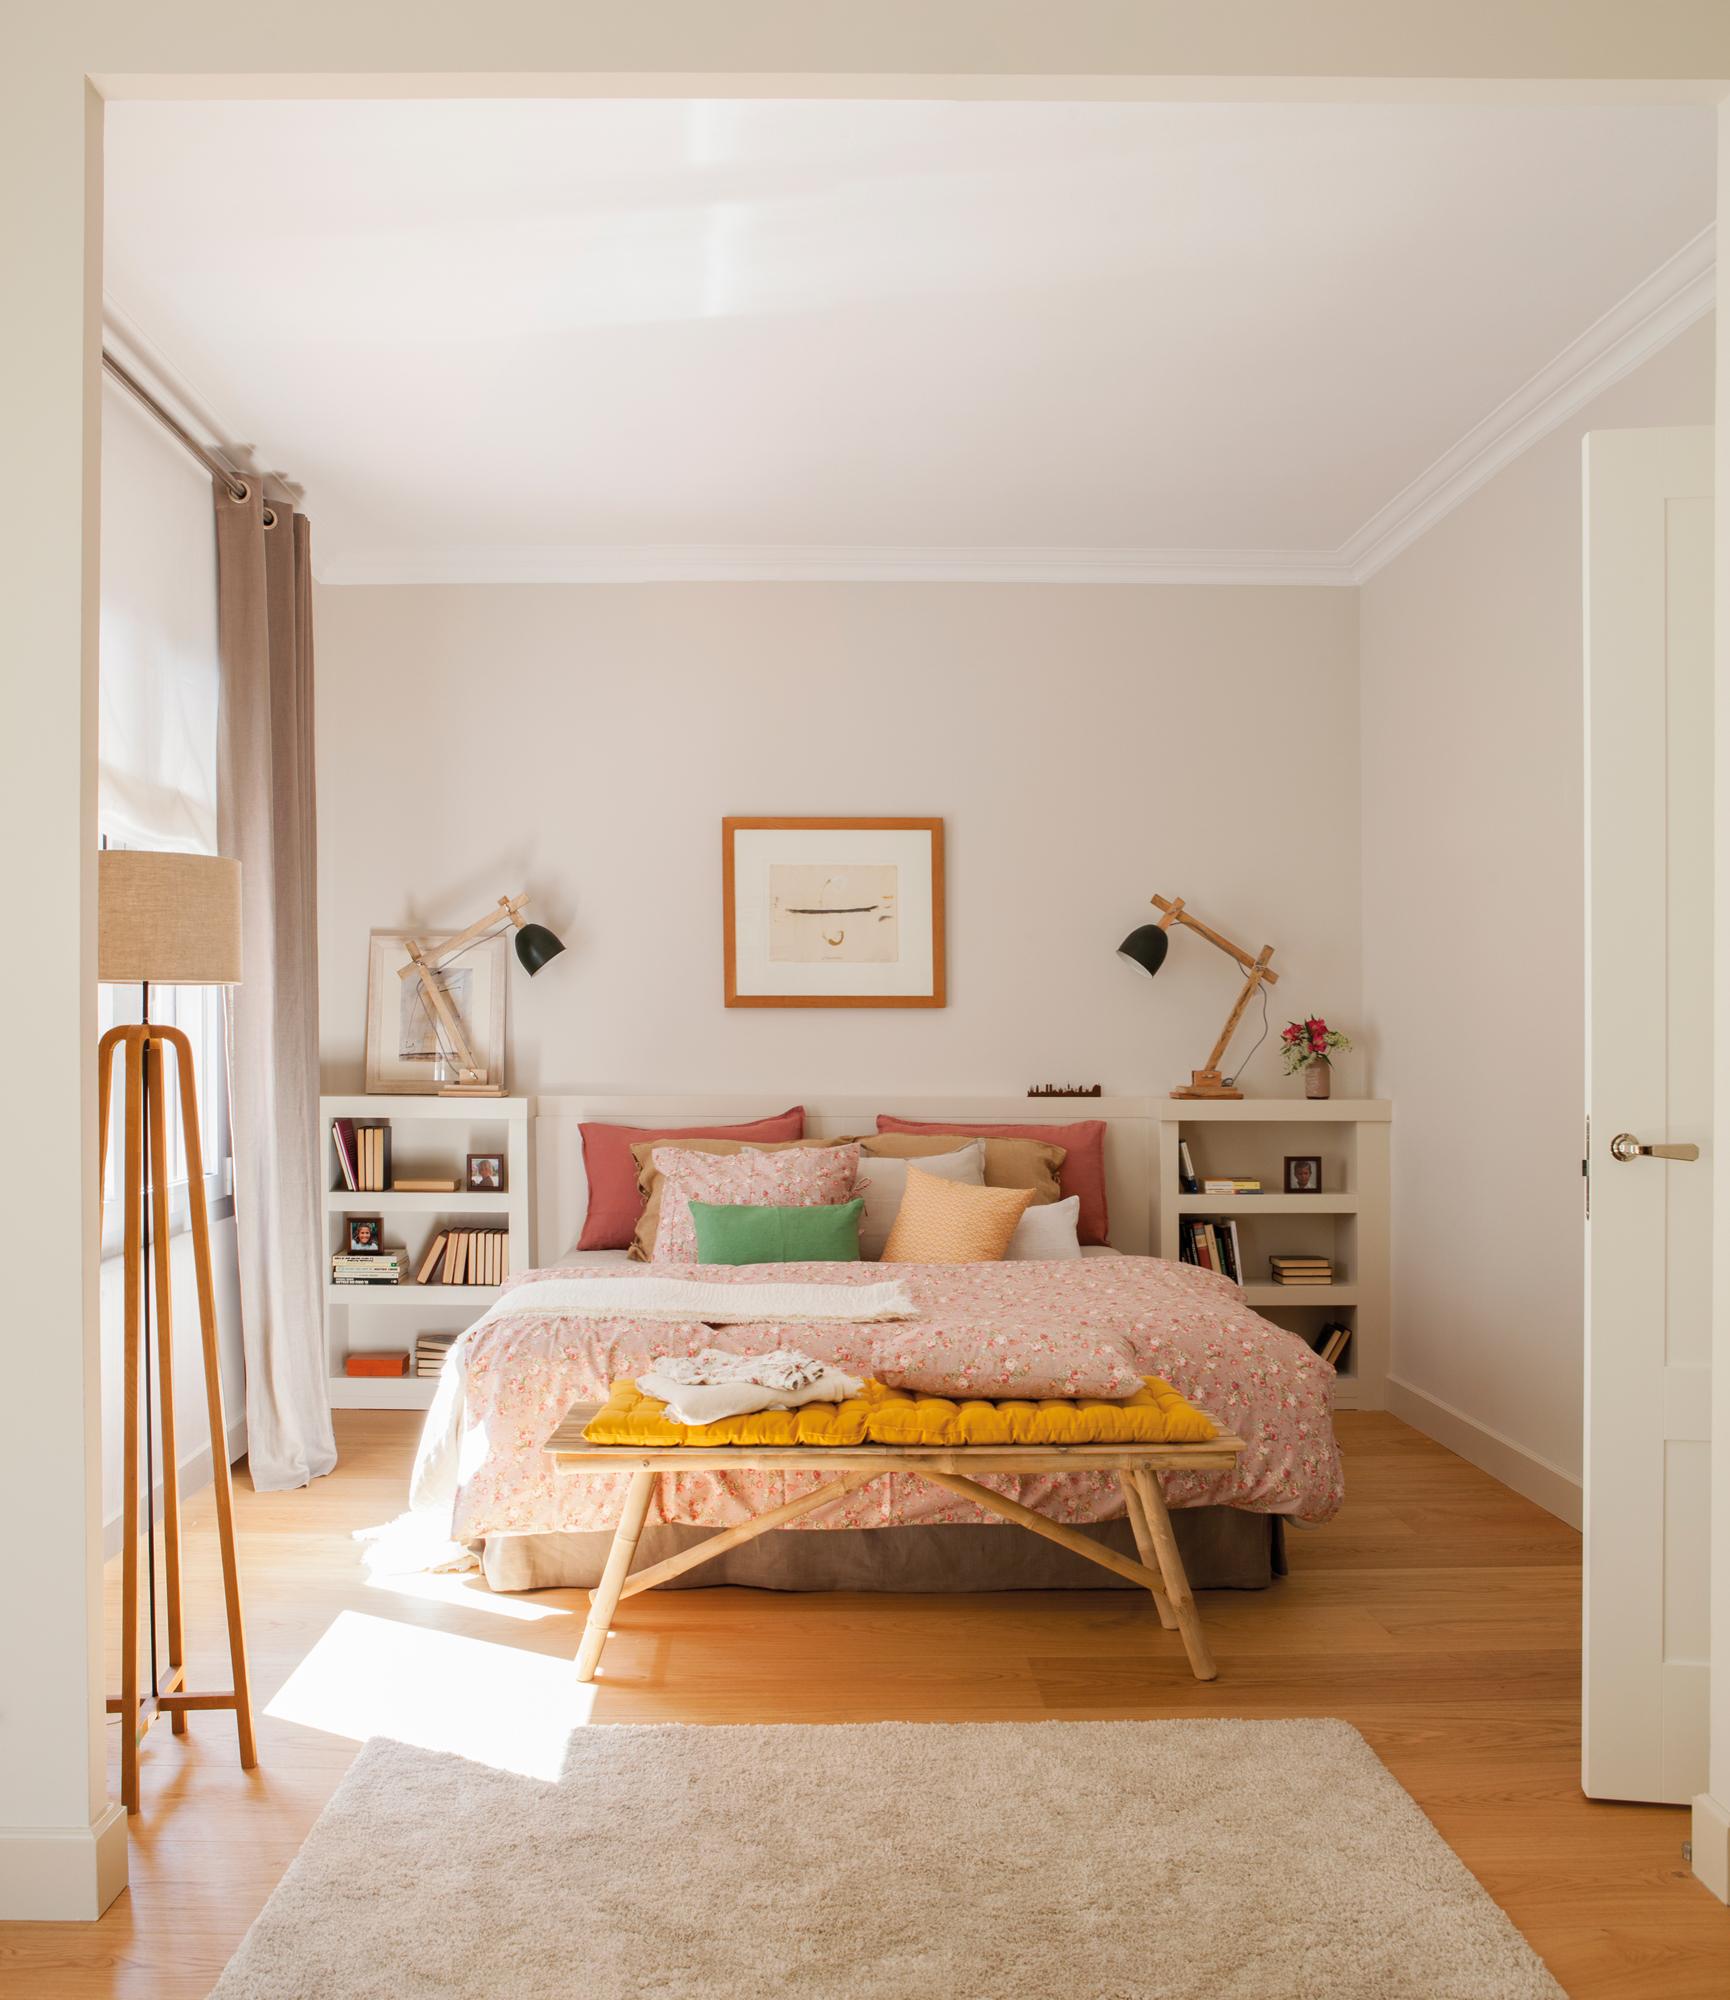 25 dormitorios modernos estilo el mueble for Muebles para dormitorios